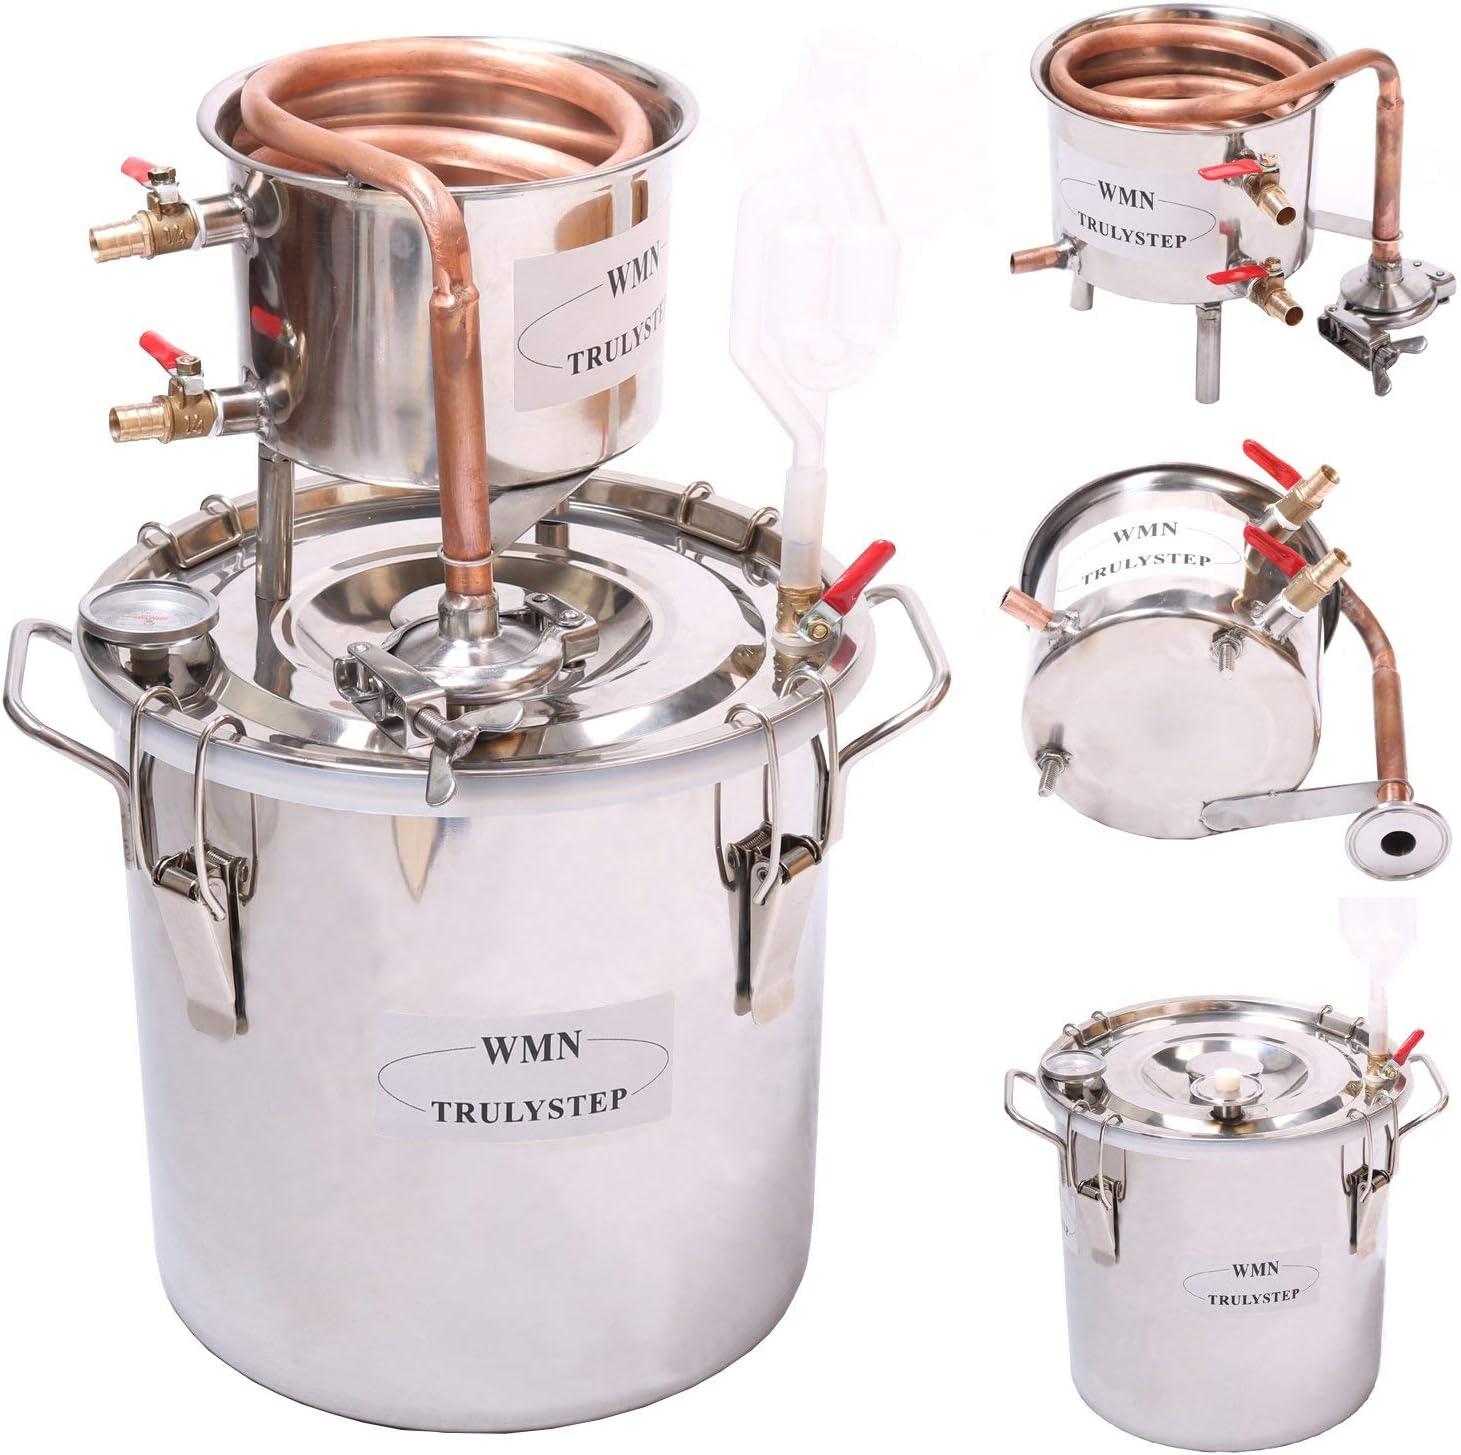 20L Kit de destilación de para el hogar destilador de cobre; para la elaboración casera de vino, alcohol, cerveza o destilación de agua